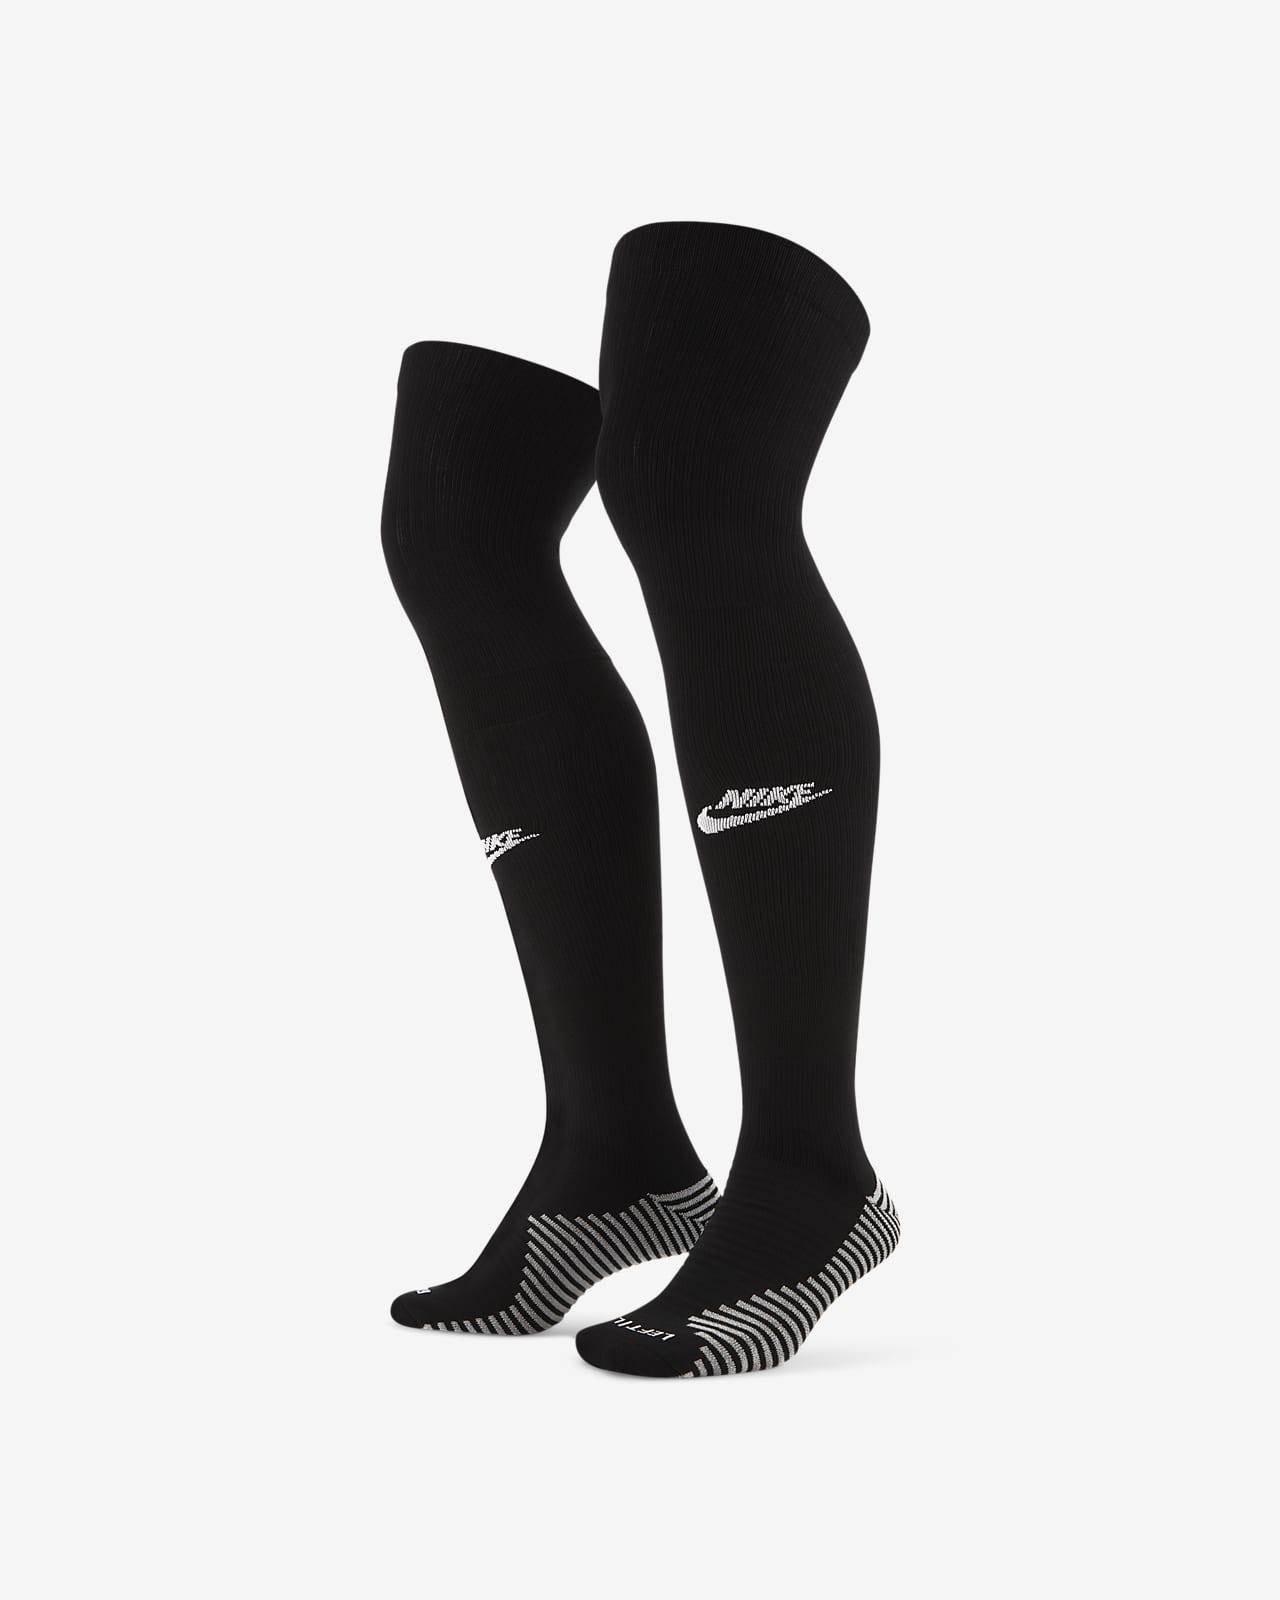 Ποδοσφαιρικές κάλτσες που φτάνουν επάνω από τη γάμπα εναλλακτικής εμφάνισης τερματοφύλακα Λίβερπουλ 2021/22 Stadium